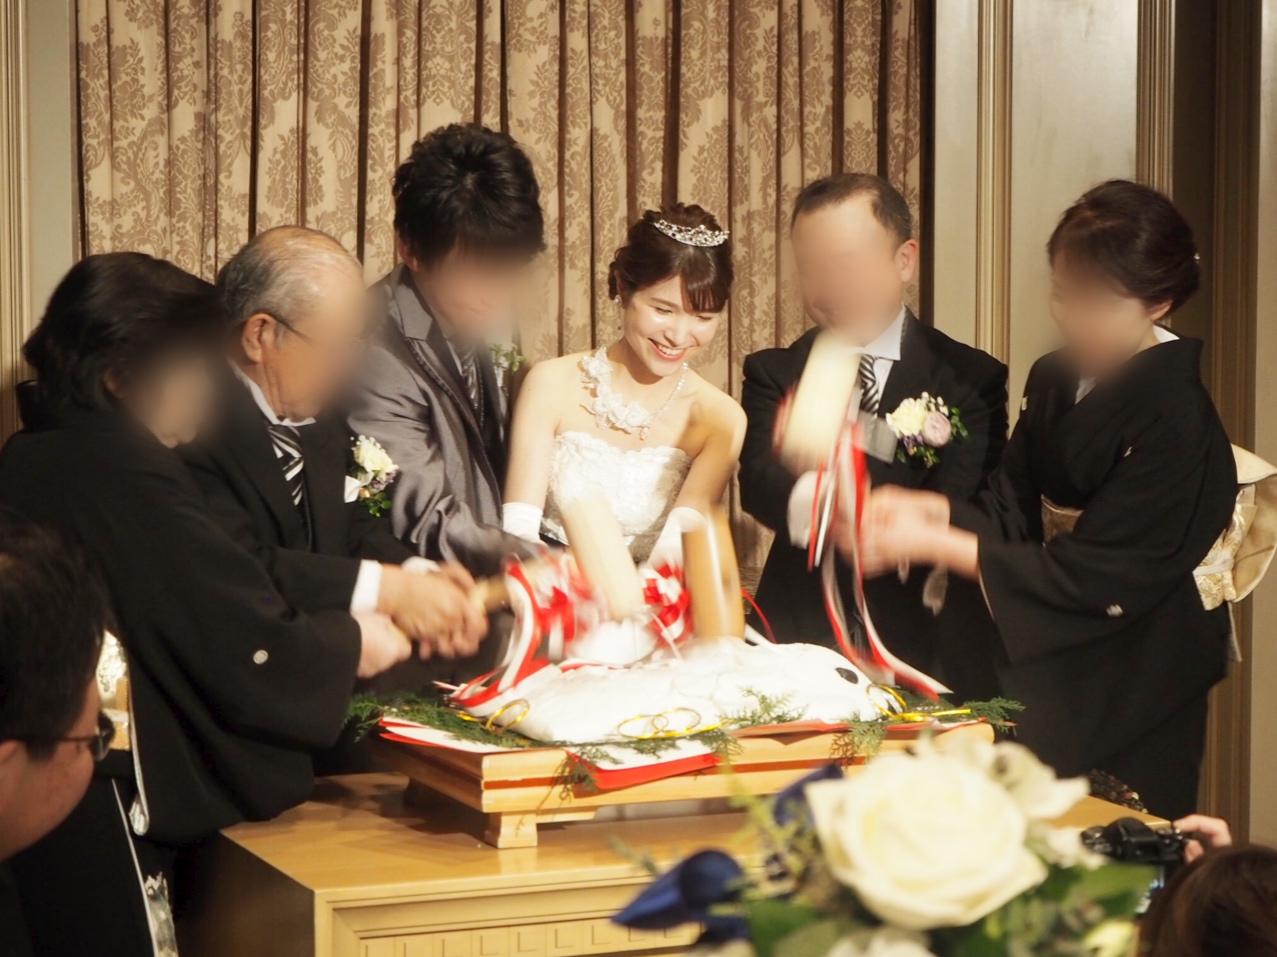 【椿山荘】Reina❤️ちゃんの和やか結婚式_5